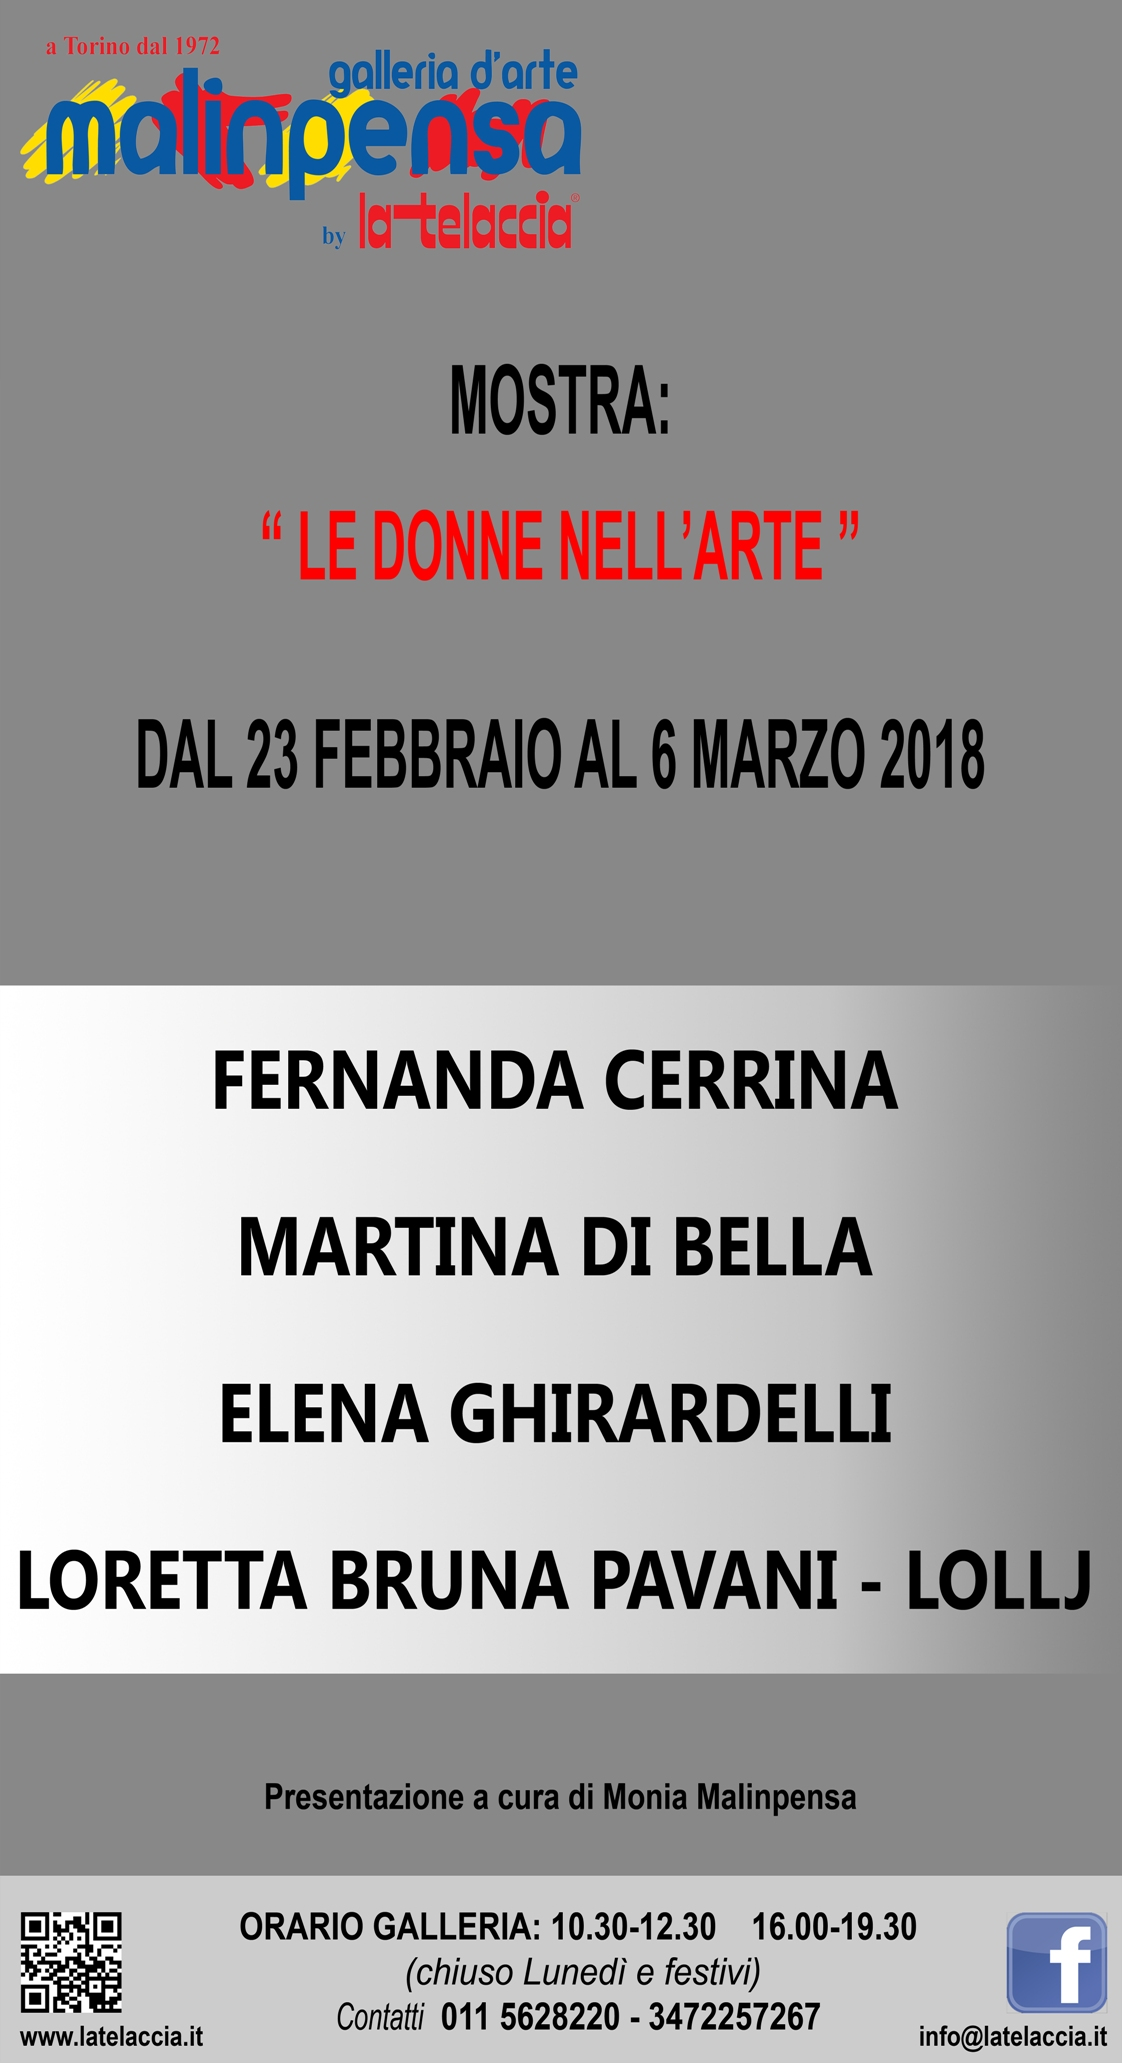 COLLETTIVA 2018 LE DONNE NELL'ARTE_B.JPG